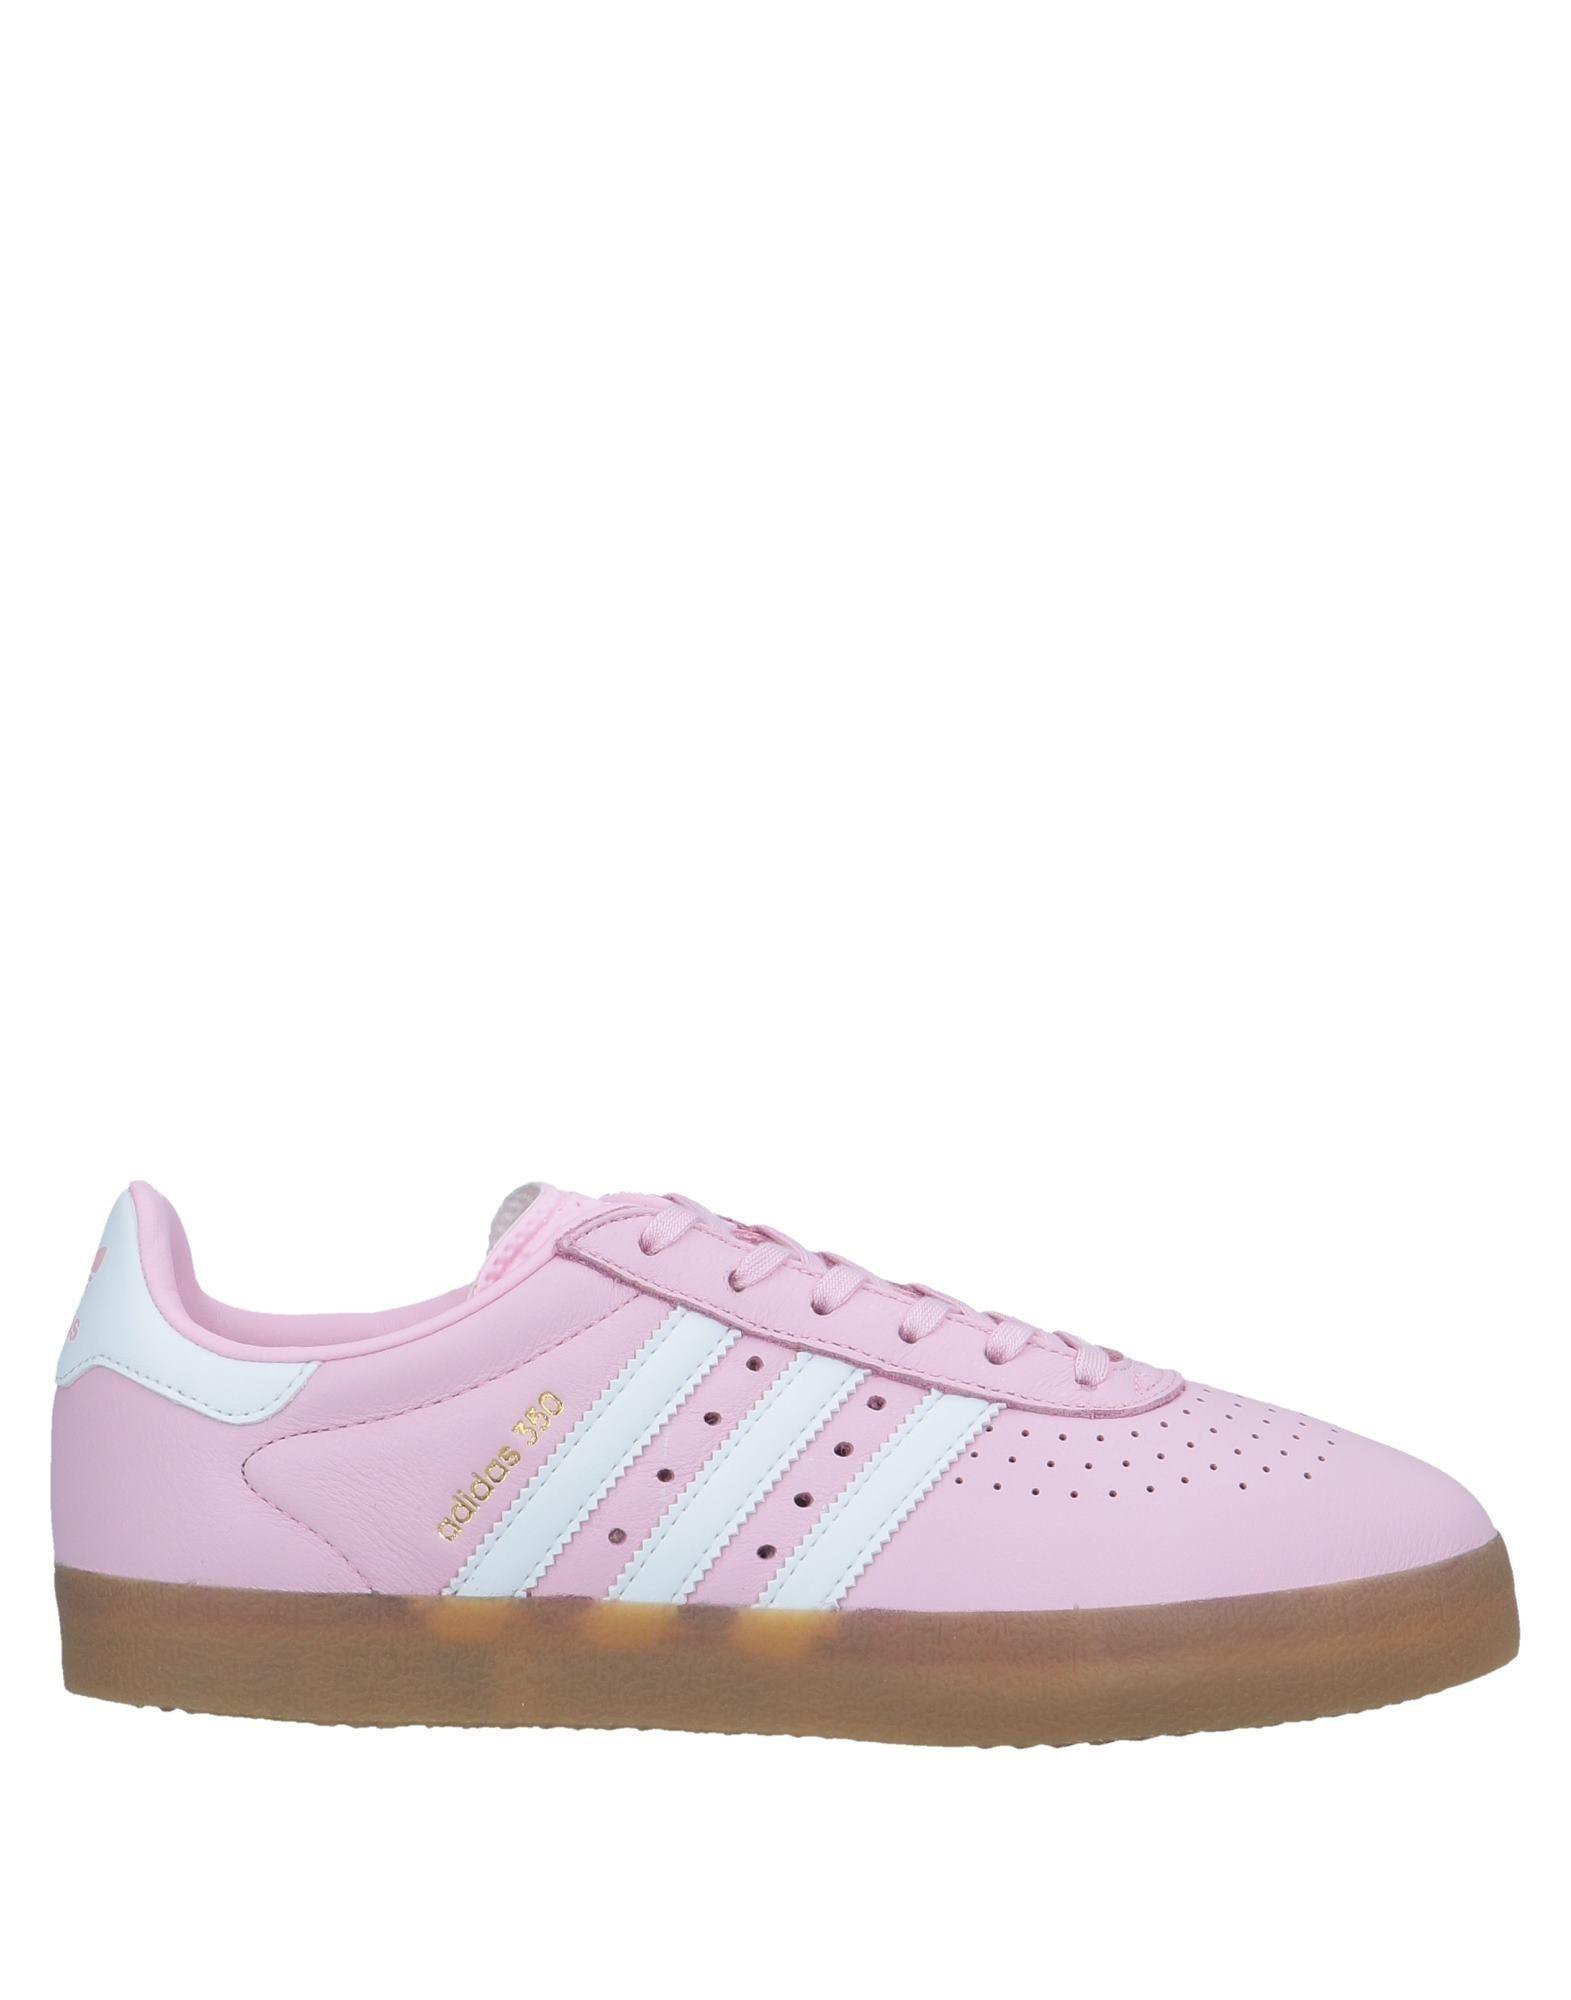 Zapatillas Adidas Adidas Zapatillas Originals Mujer - Zapatillas Adidas Originals  Rosa fcf54f